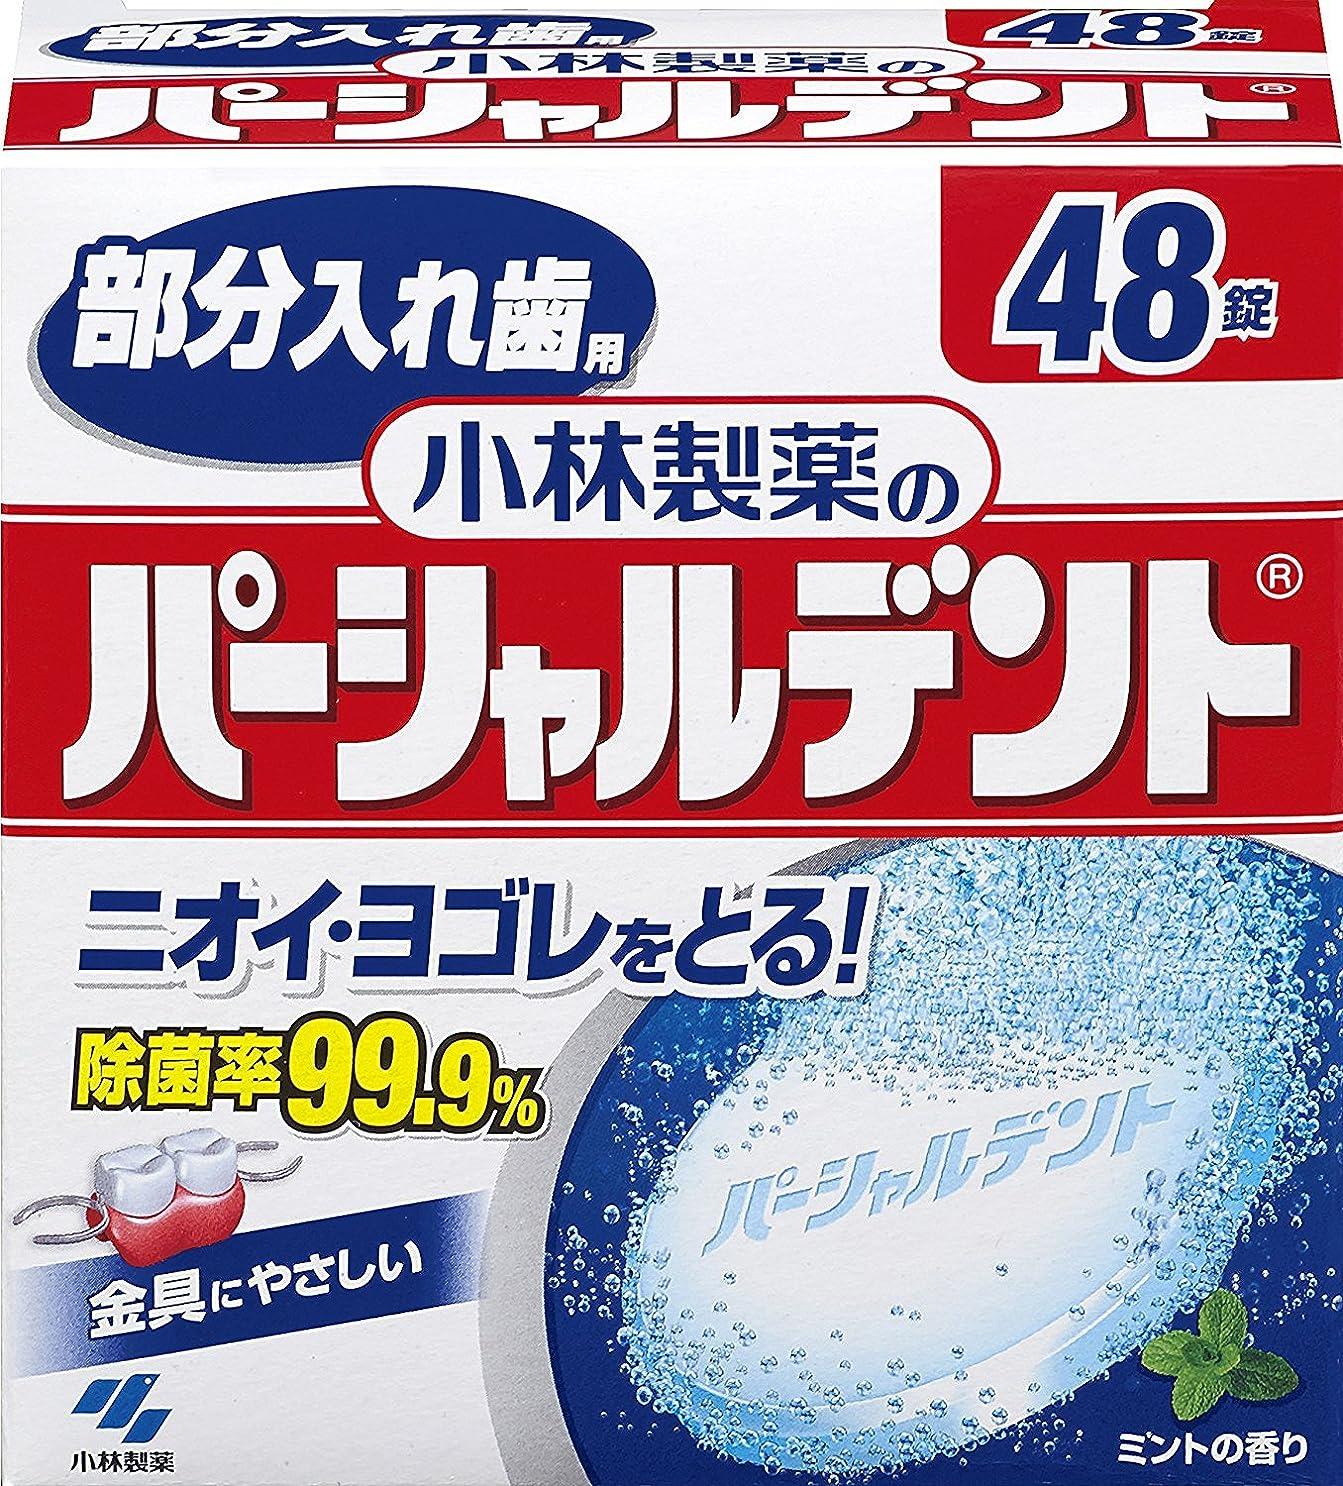 ロシア検索エンジン最適化下線小林製薬のパーシャルデント 部分入れ歯用 洗浄剤 ミントの香 48錠